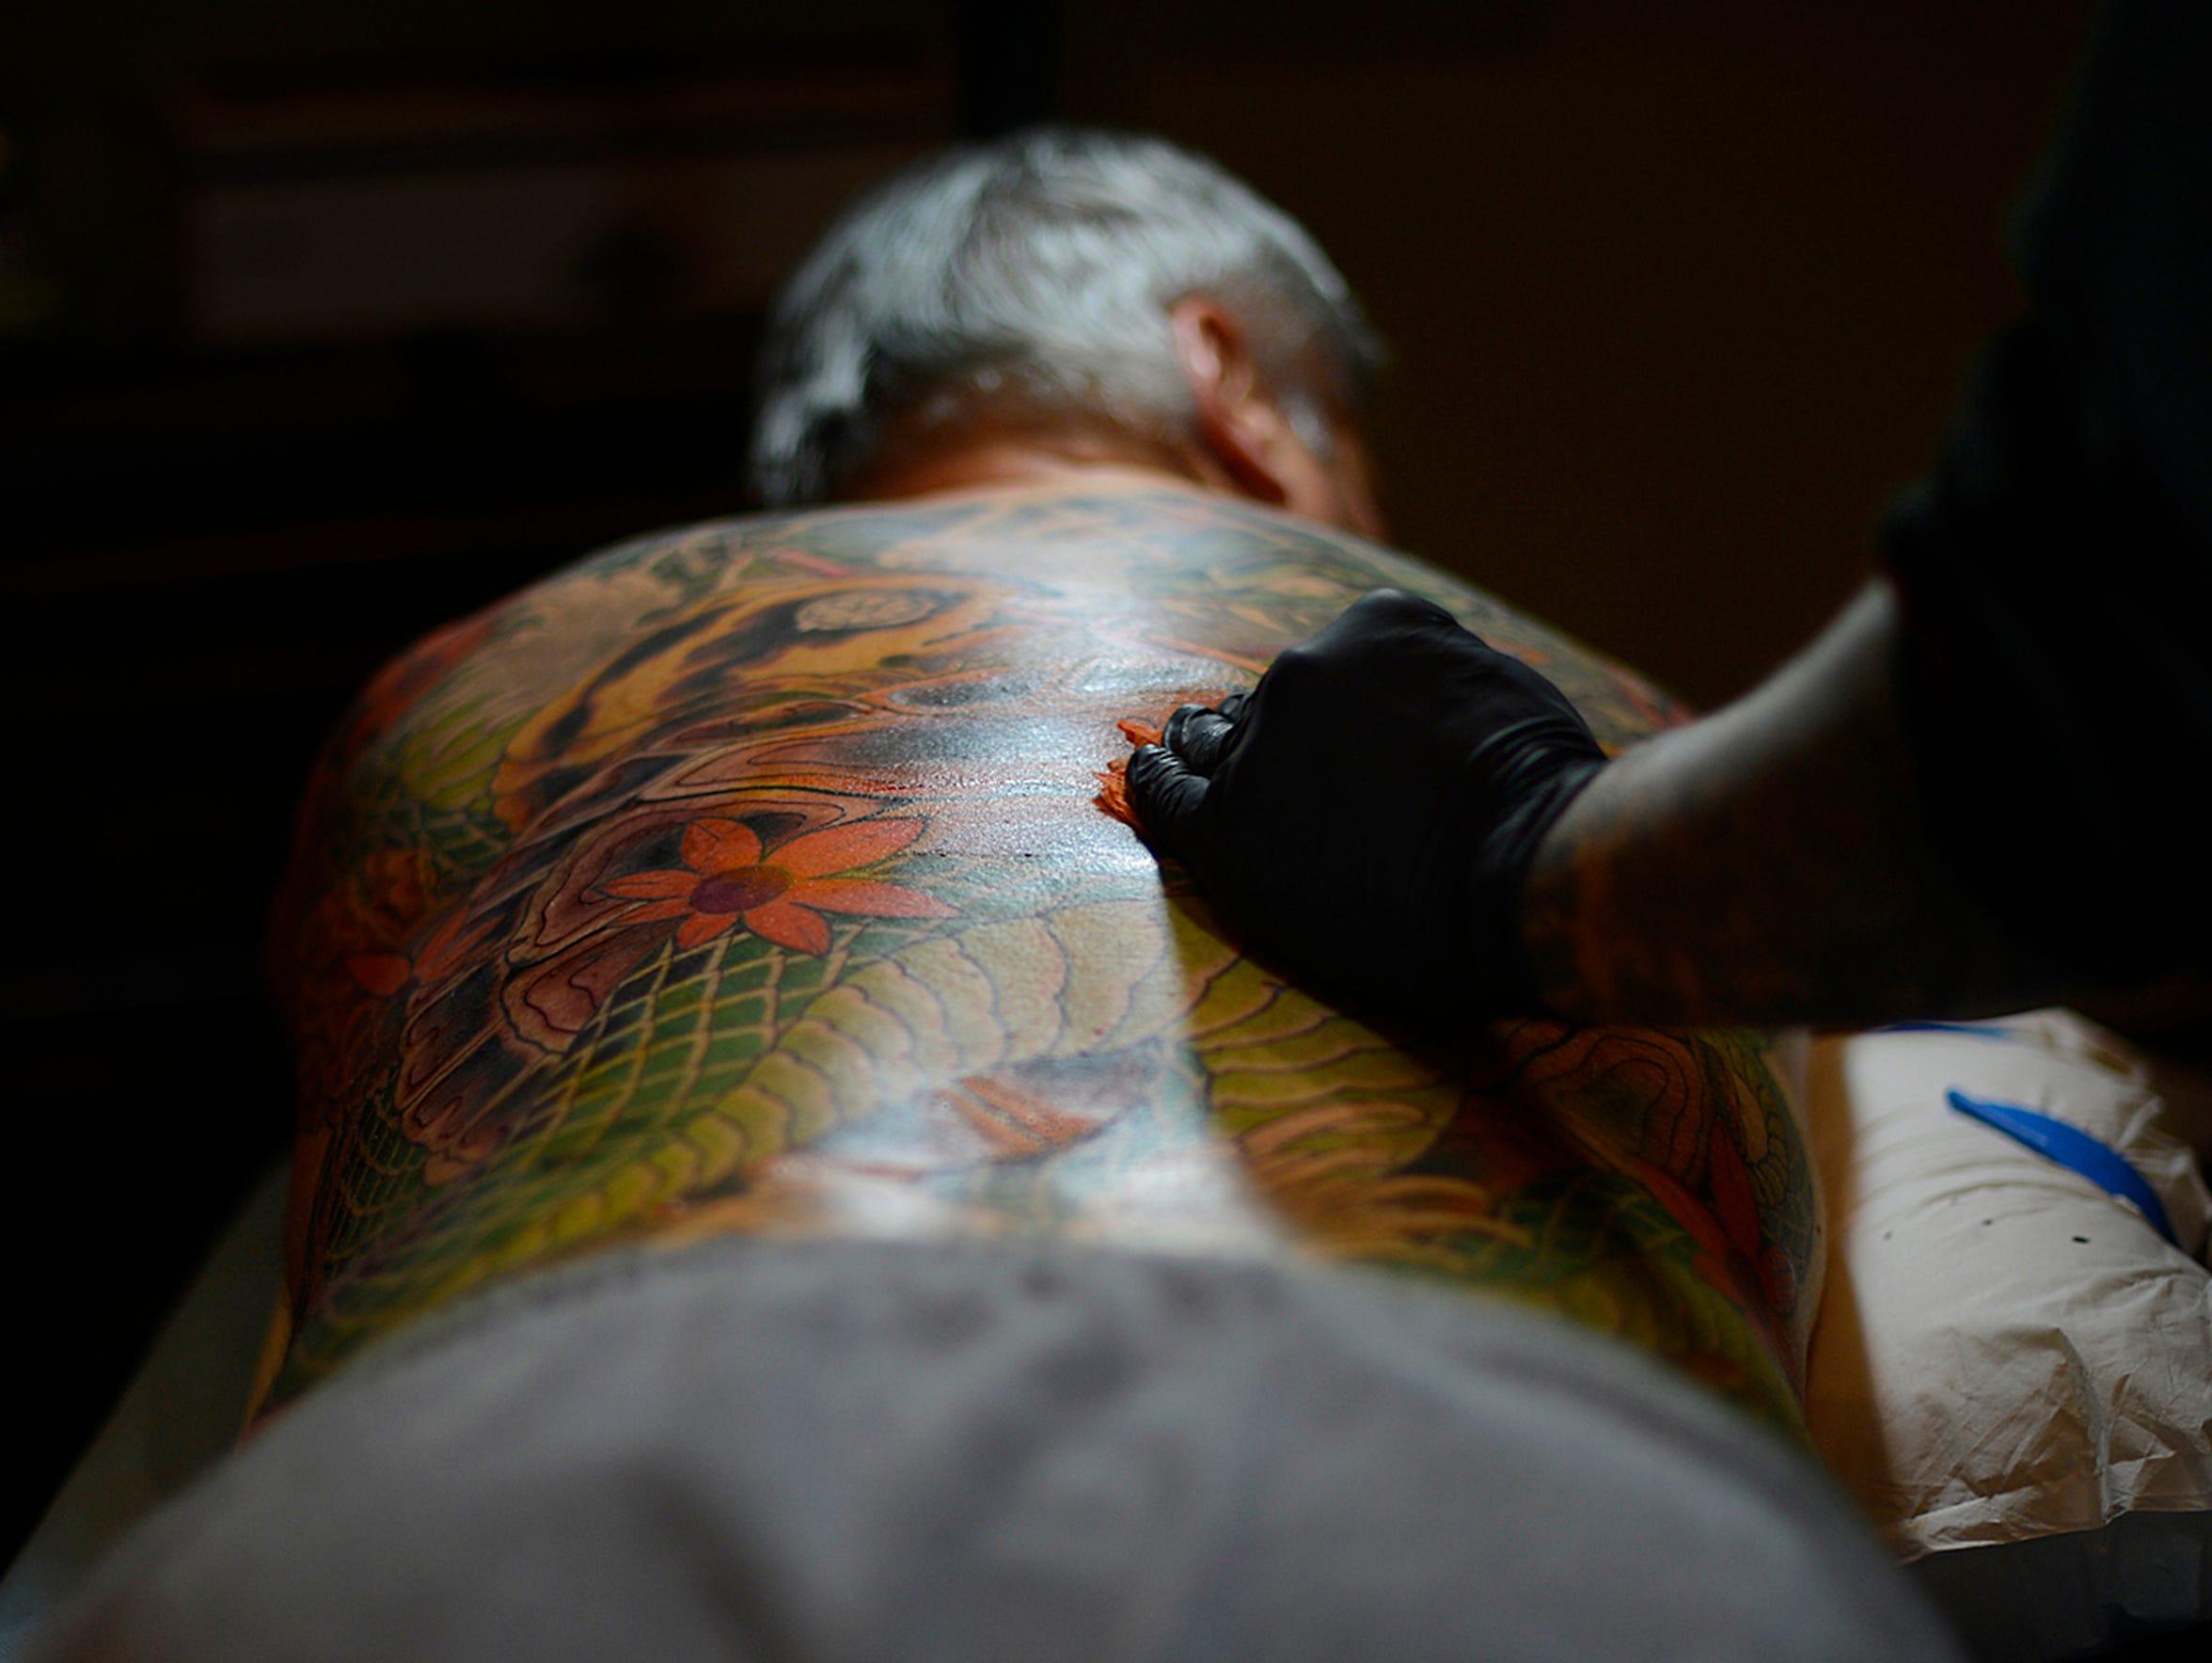 Tattoo artist Paul Dhuey works on John Utrie's back